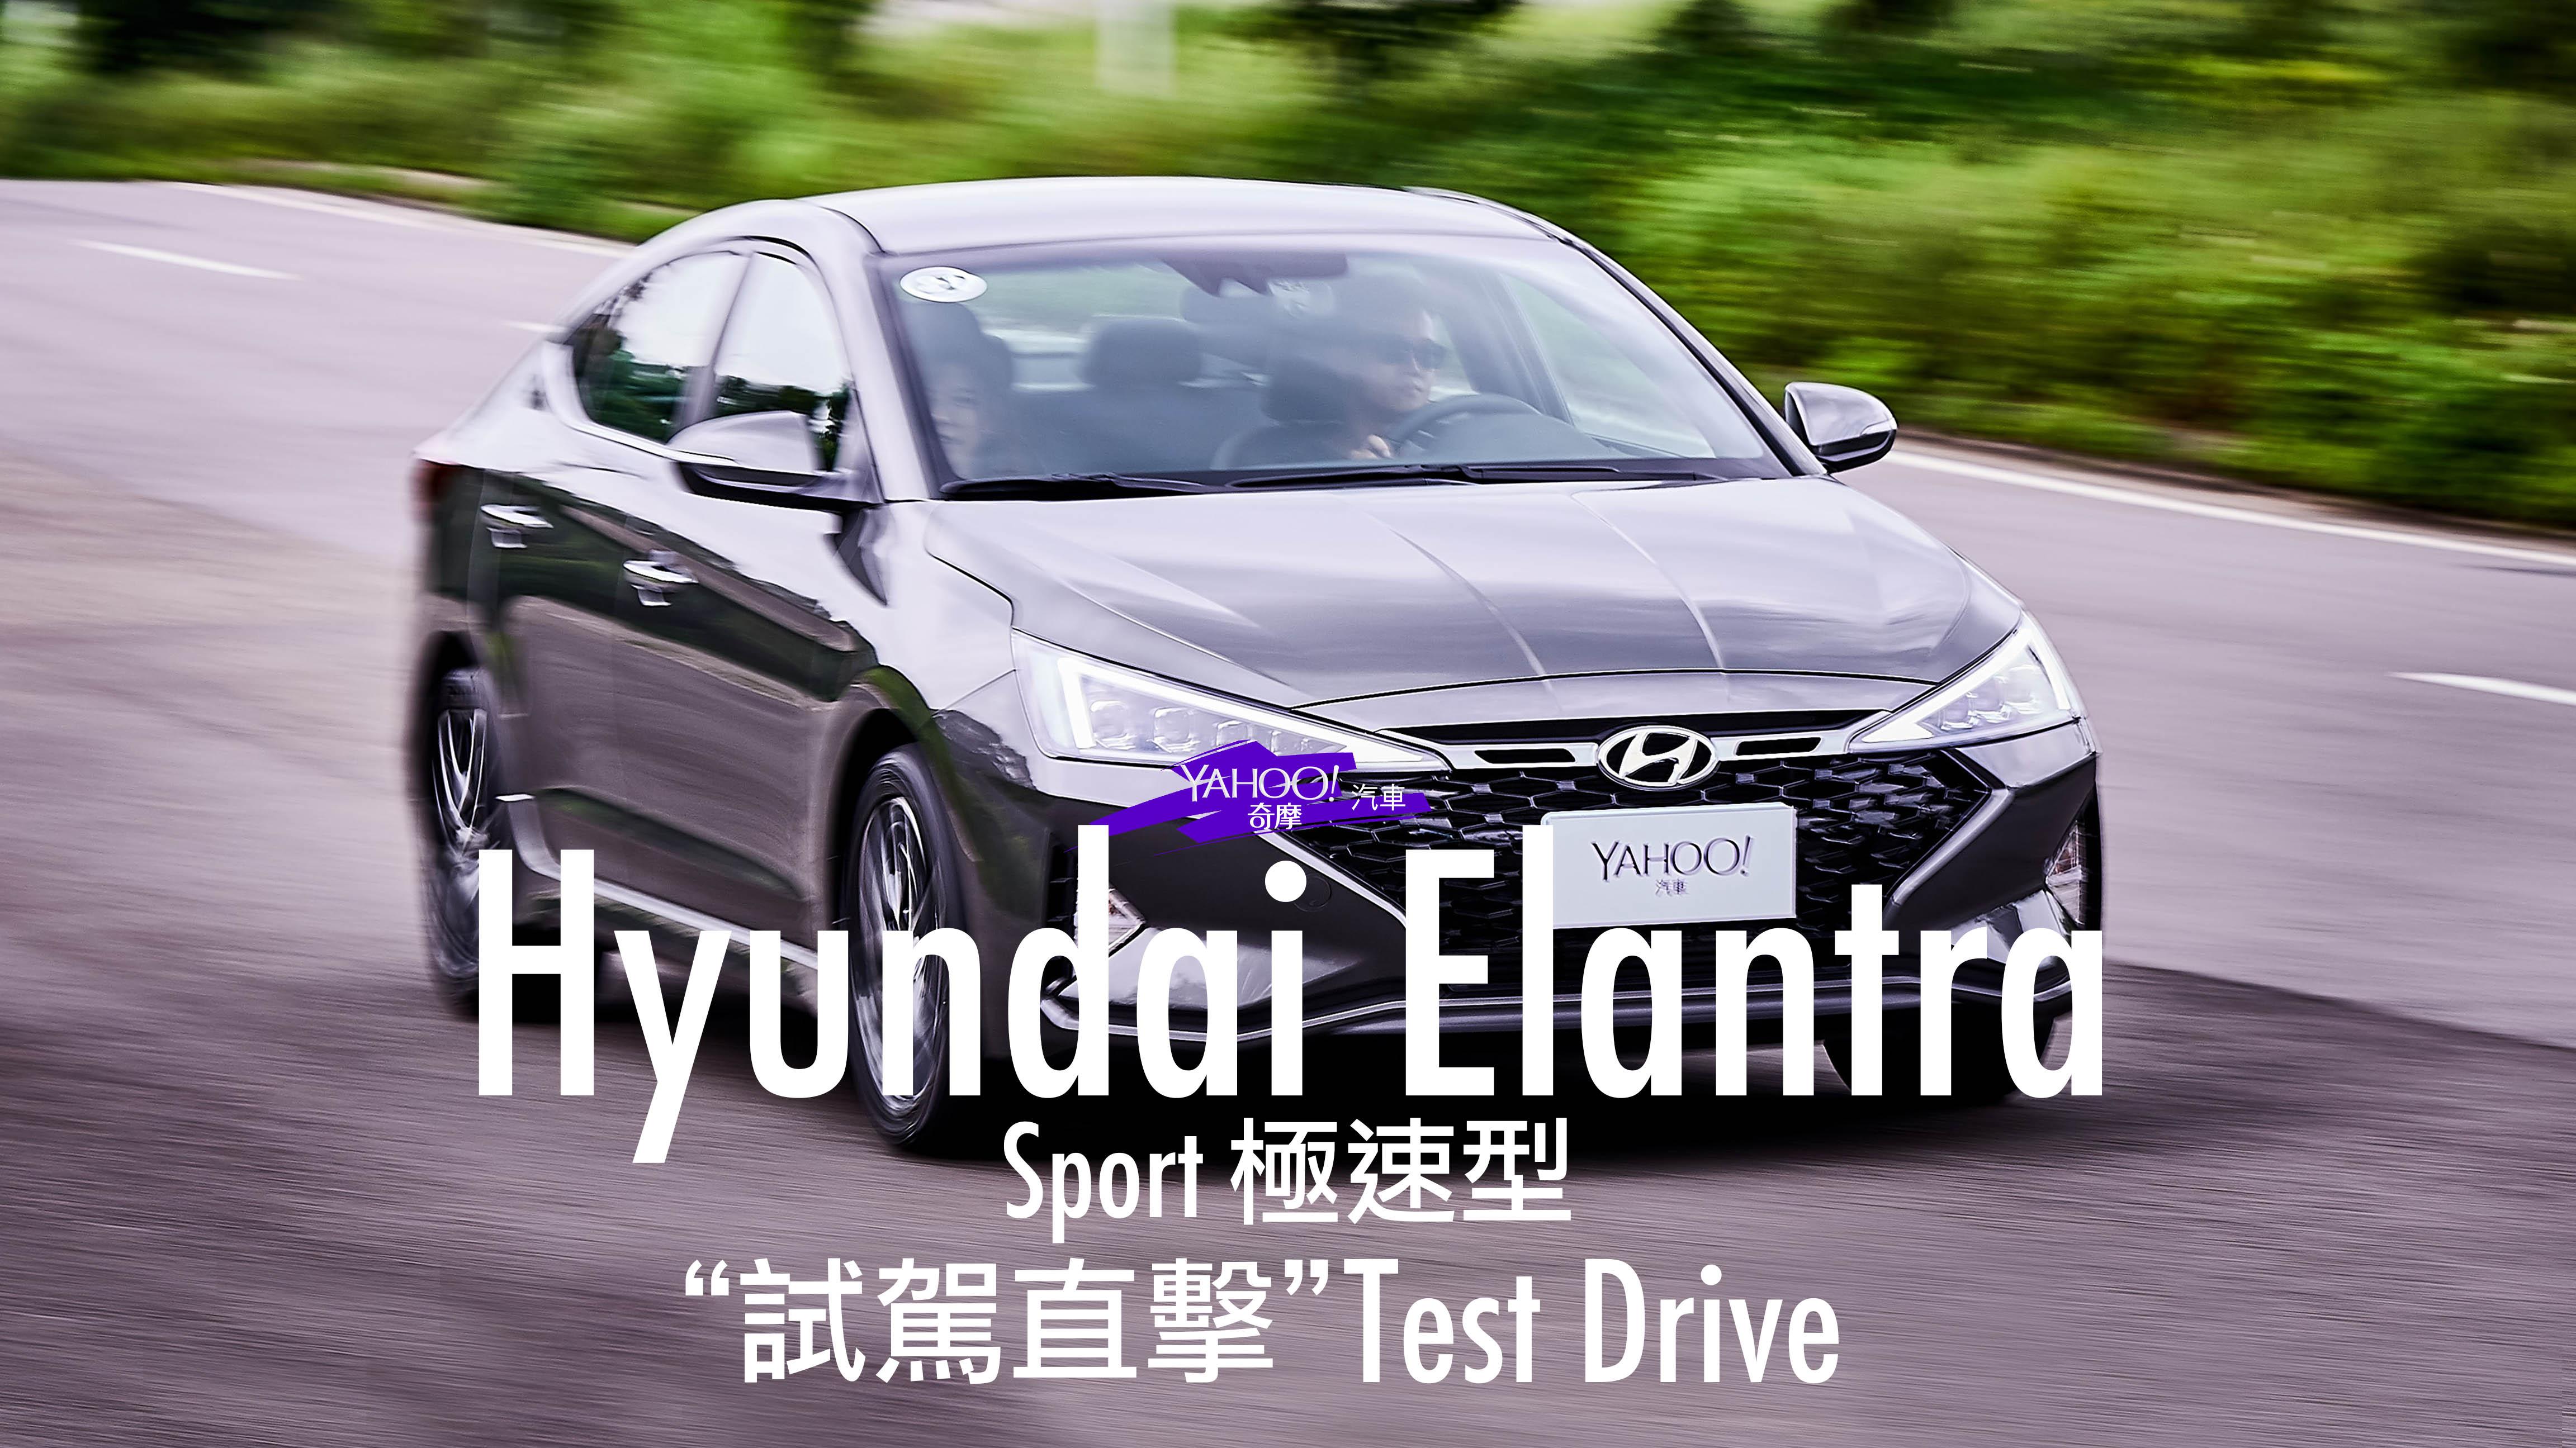 【試駕直擊】韓版紳裝下的跆拳高段踢!2019 Hyundai小改款Elantra Sport極速型城郊試駕